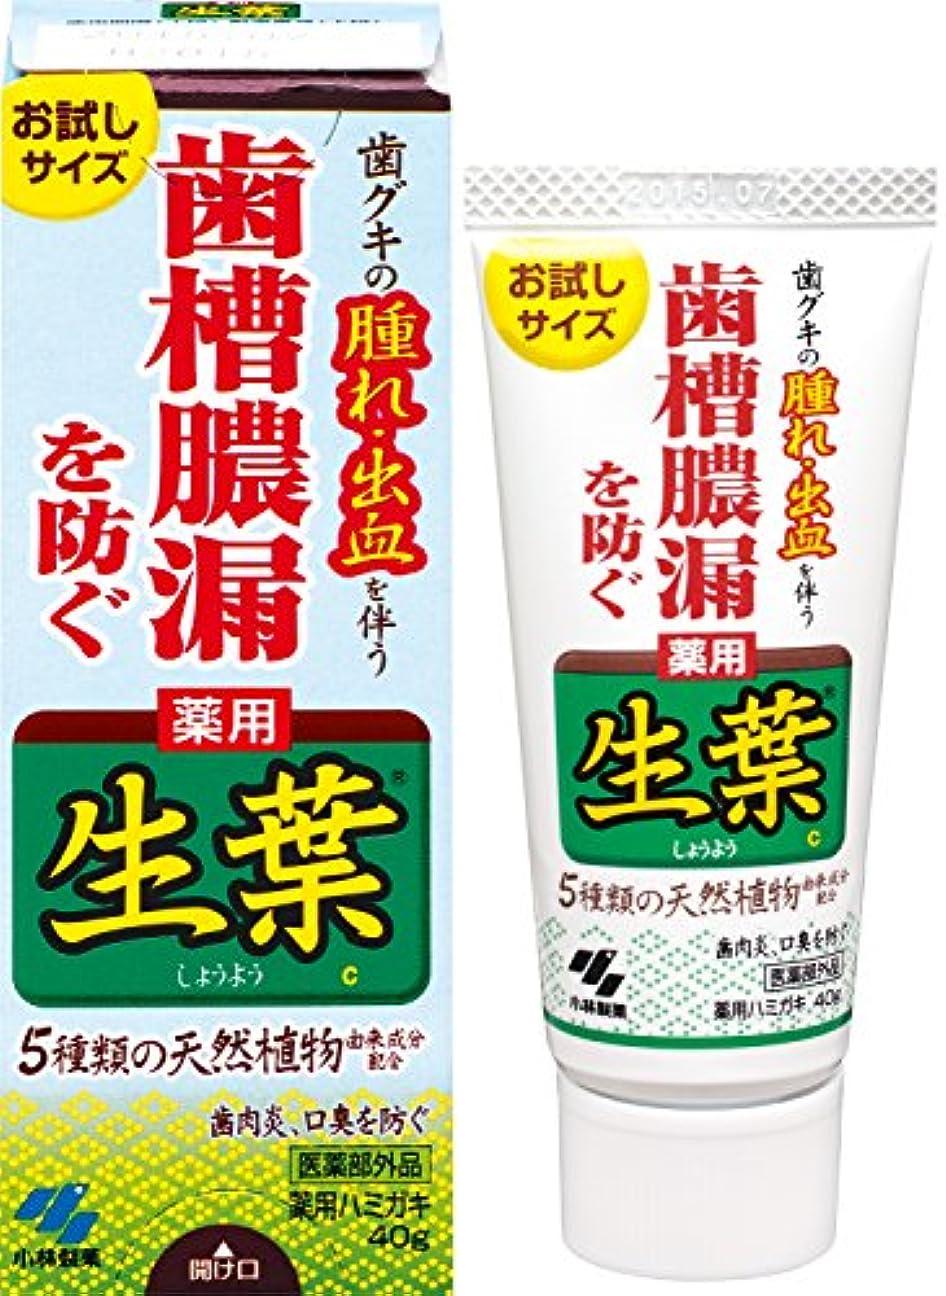 会議自治的にはまって生葉(しょうよう)お試しサイズ 歯槽膿漏を防ぐ 薬用ハミガキ ハーブミント味 40g 【医薬部外品】